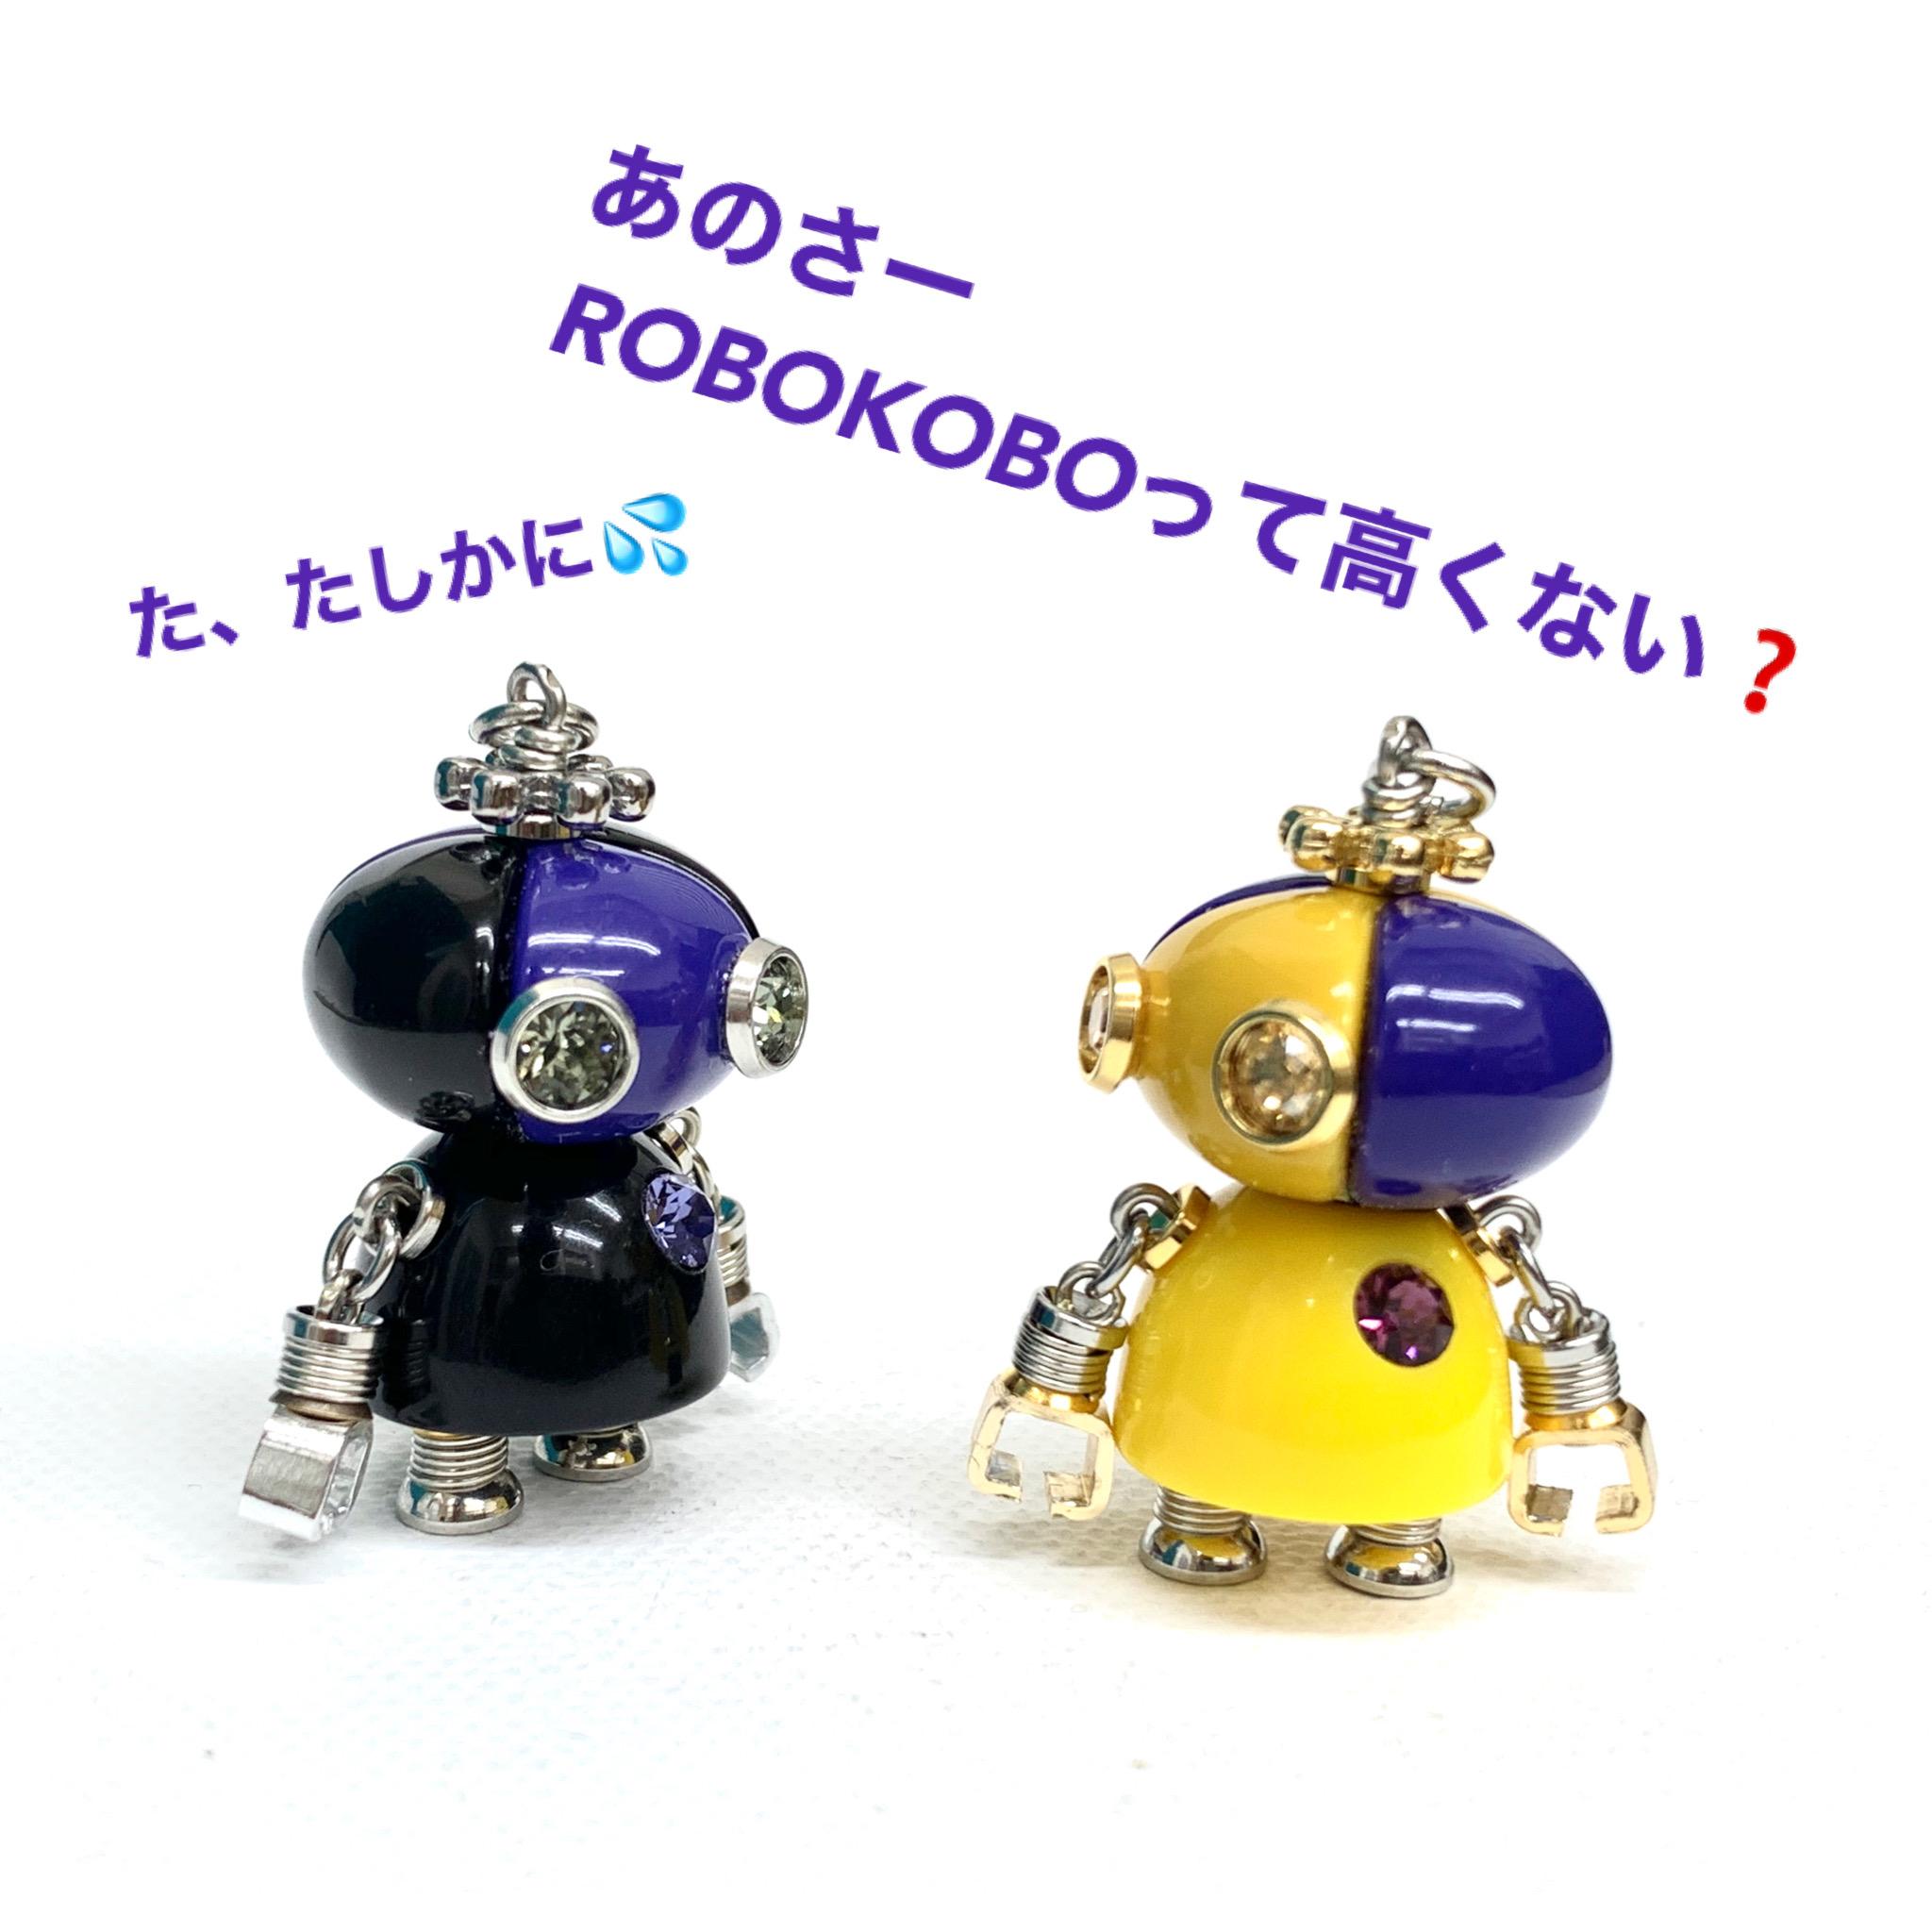 ROBOKOBOの価格の件